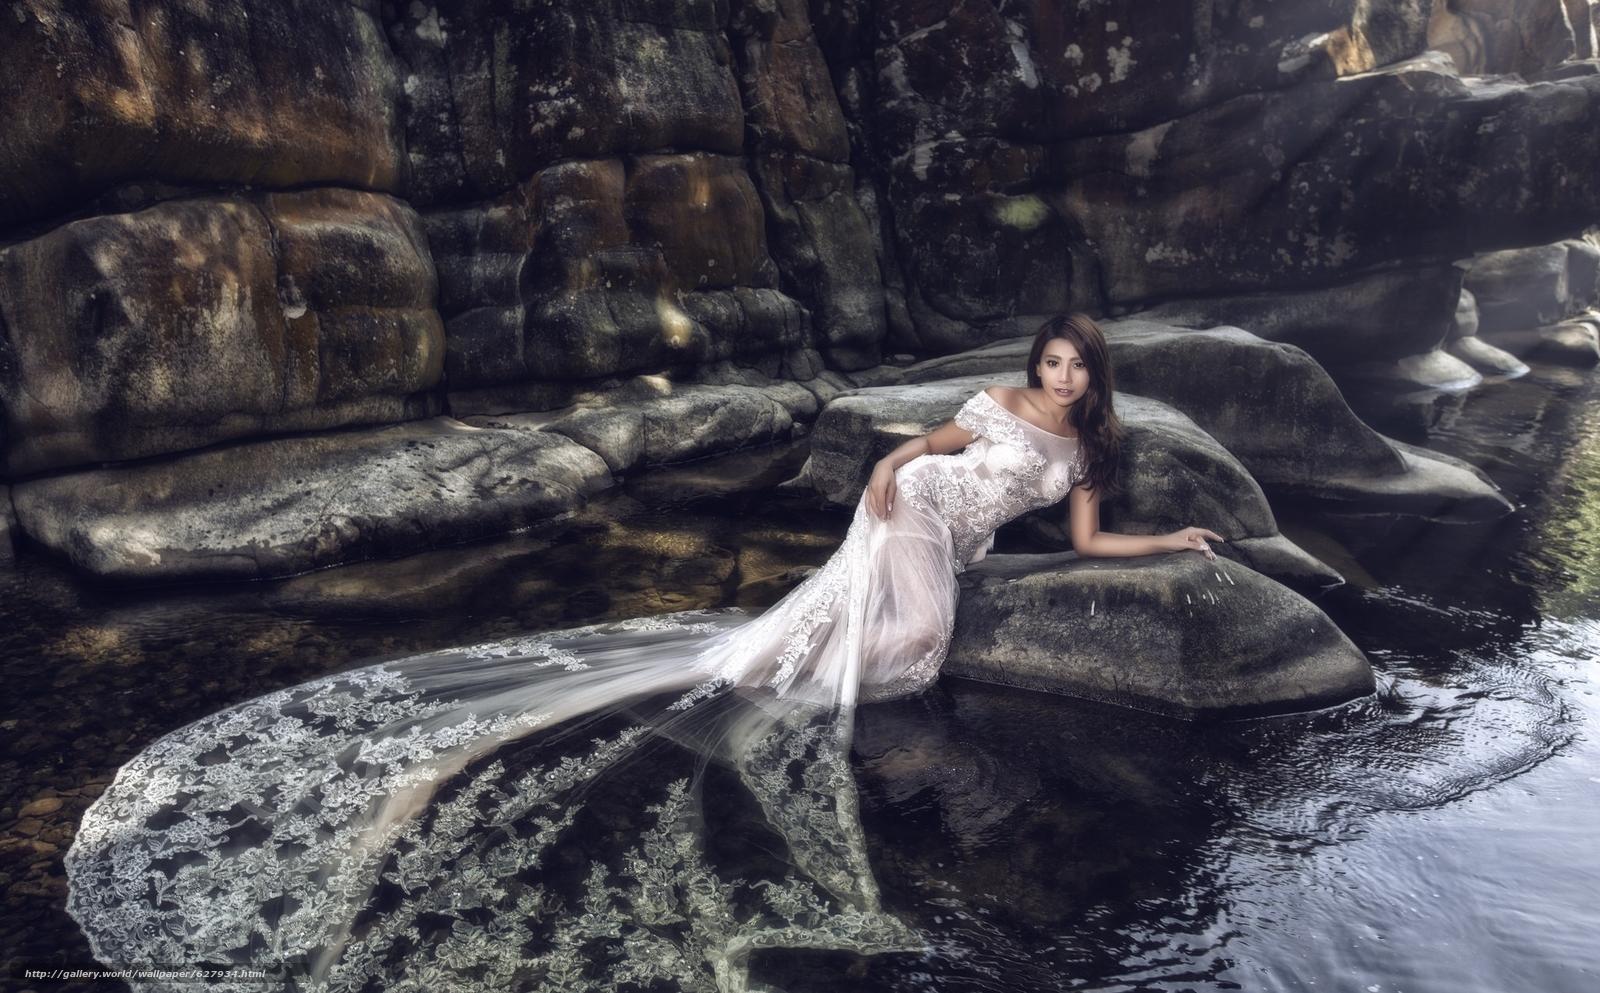 Скачать на телефон обои фото картинку на тему азиатка, невеста, свадебное платье, платье, вода, камни, разширение 2048x1271